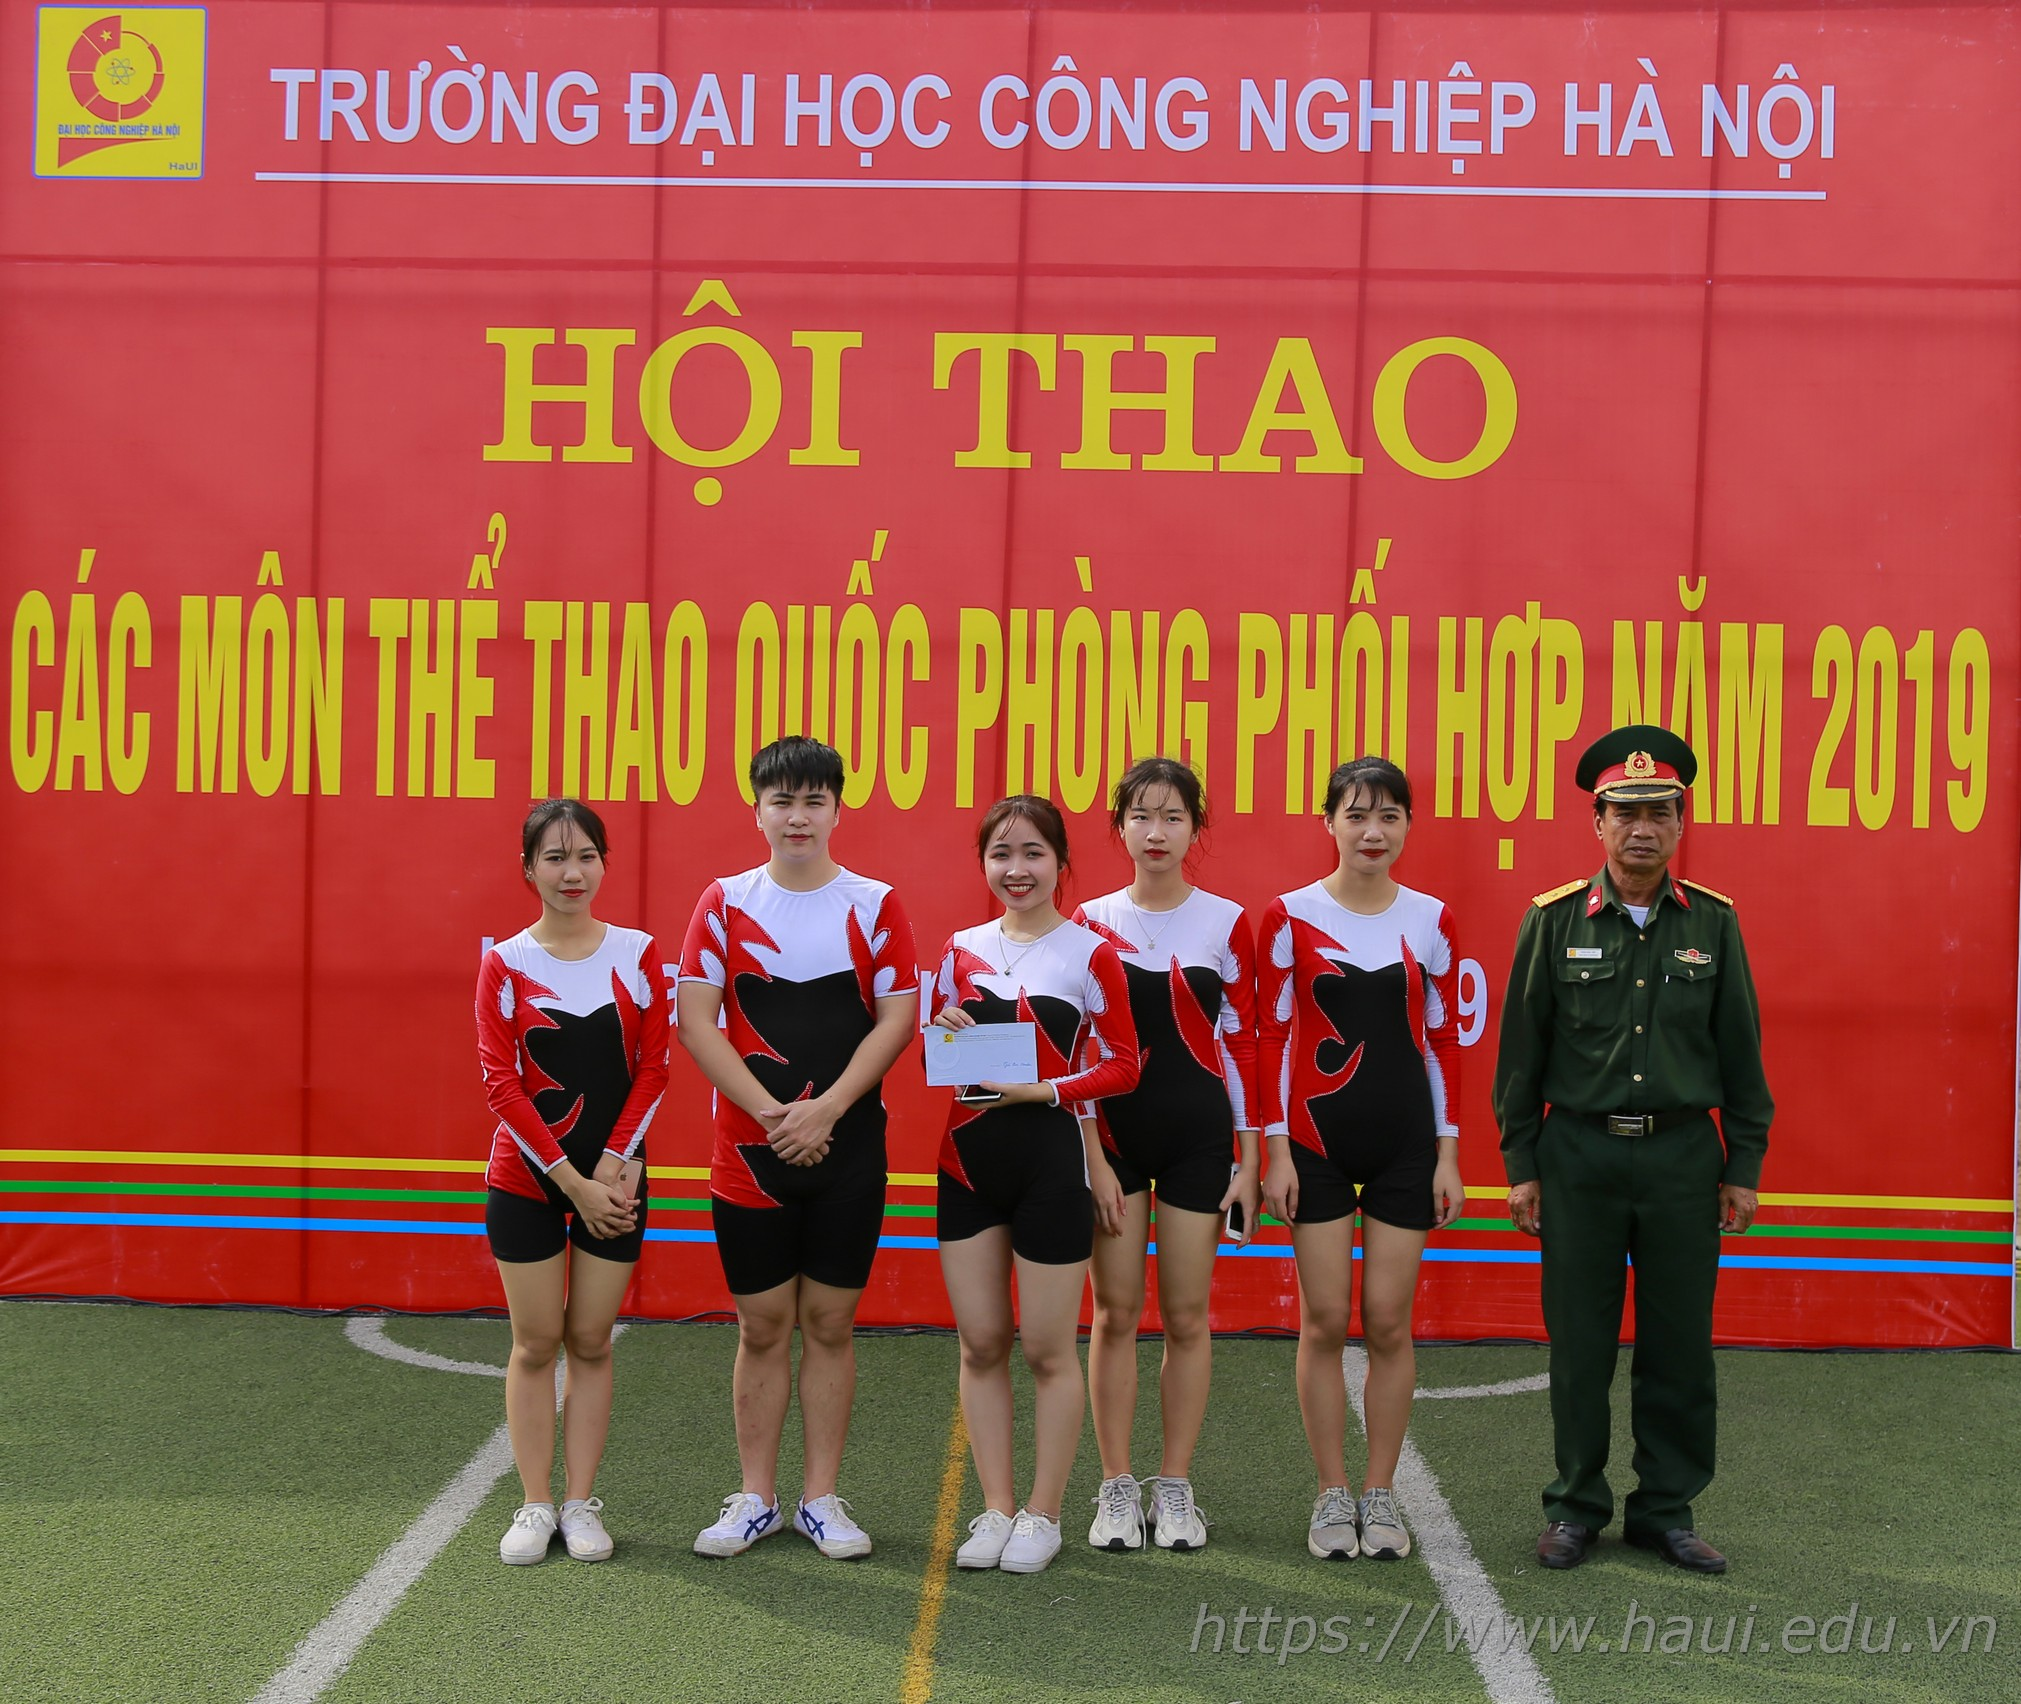 Hội thao các môn thể thao quốc phòng phối hợp trường Đại học Công nghiệp Hà Nội năm 2019